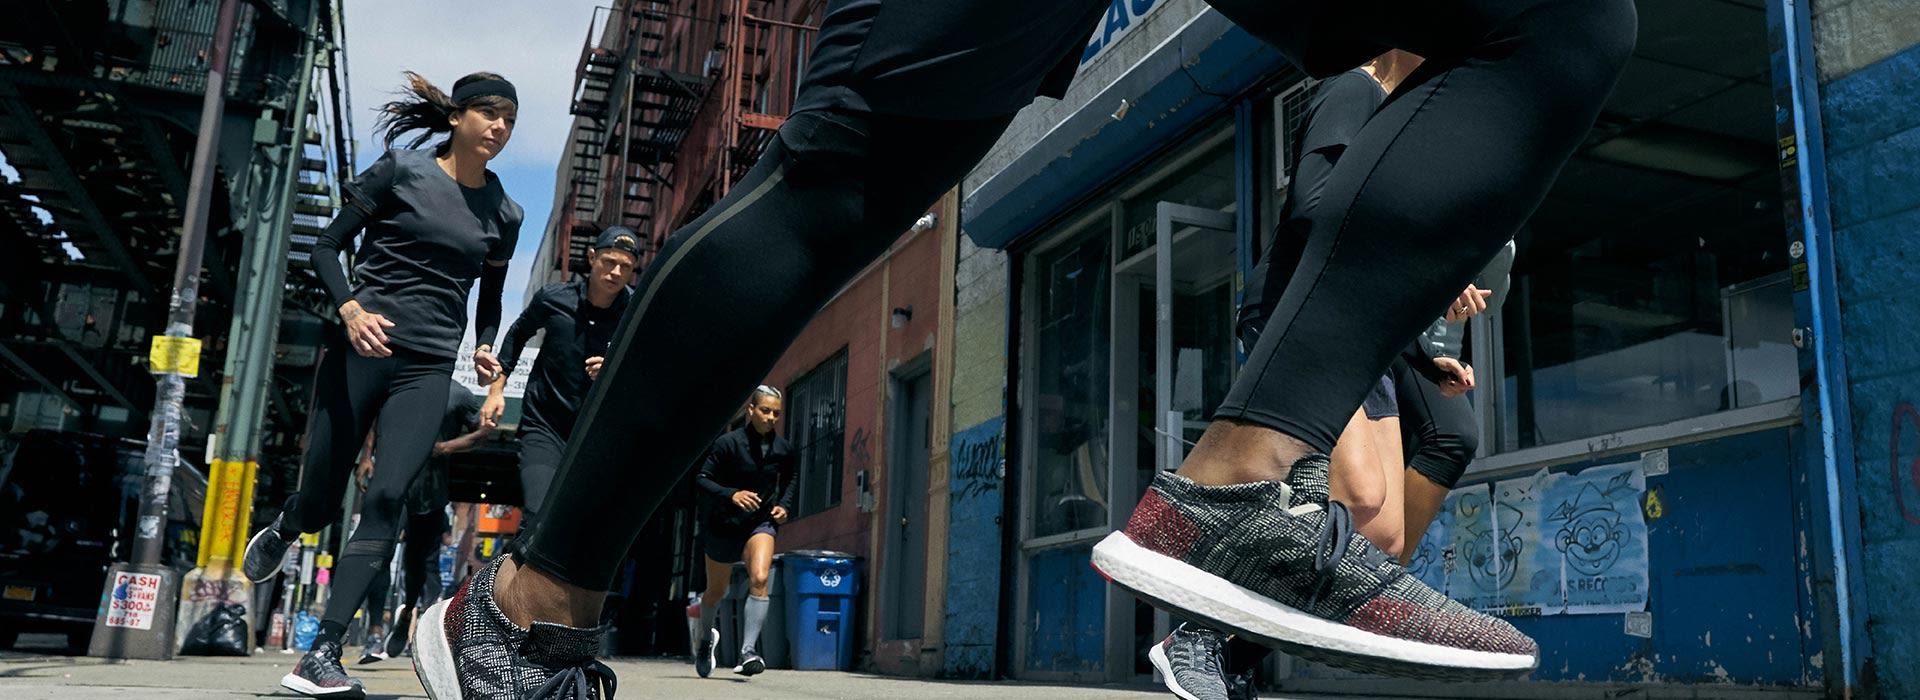 Zapatillas de running - Todas las zapatillas de running